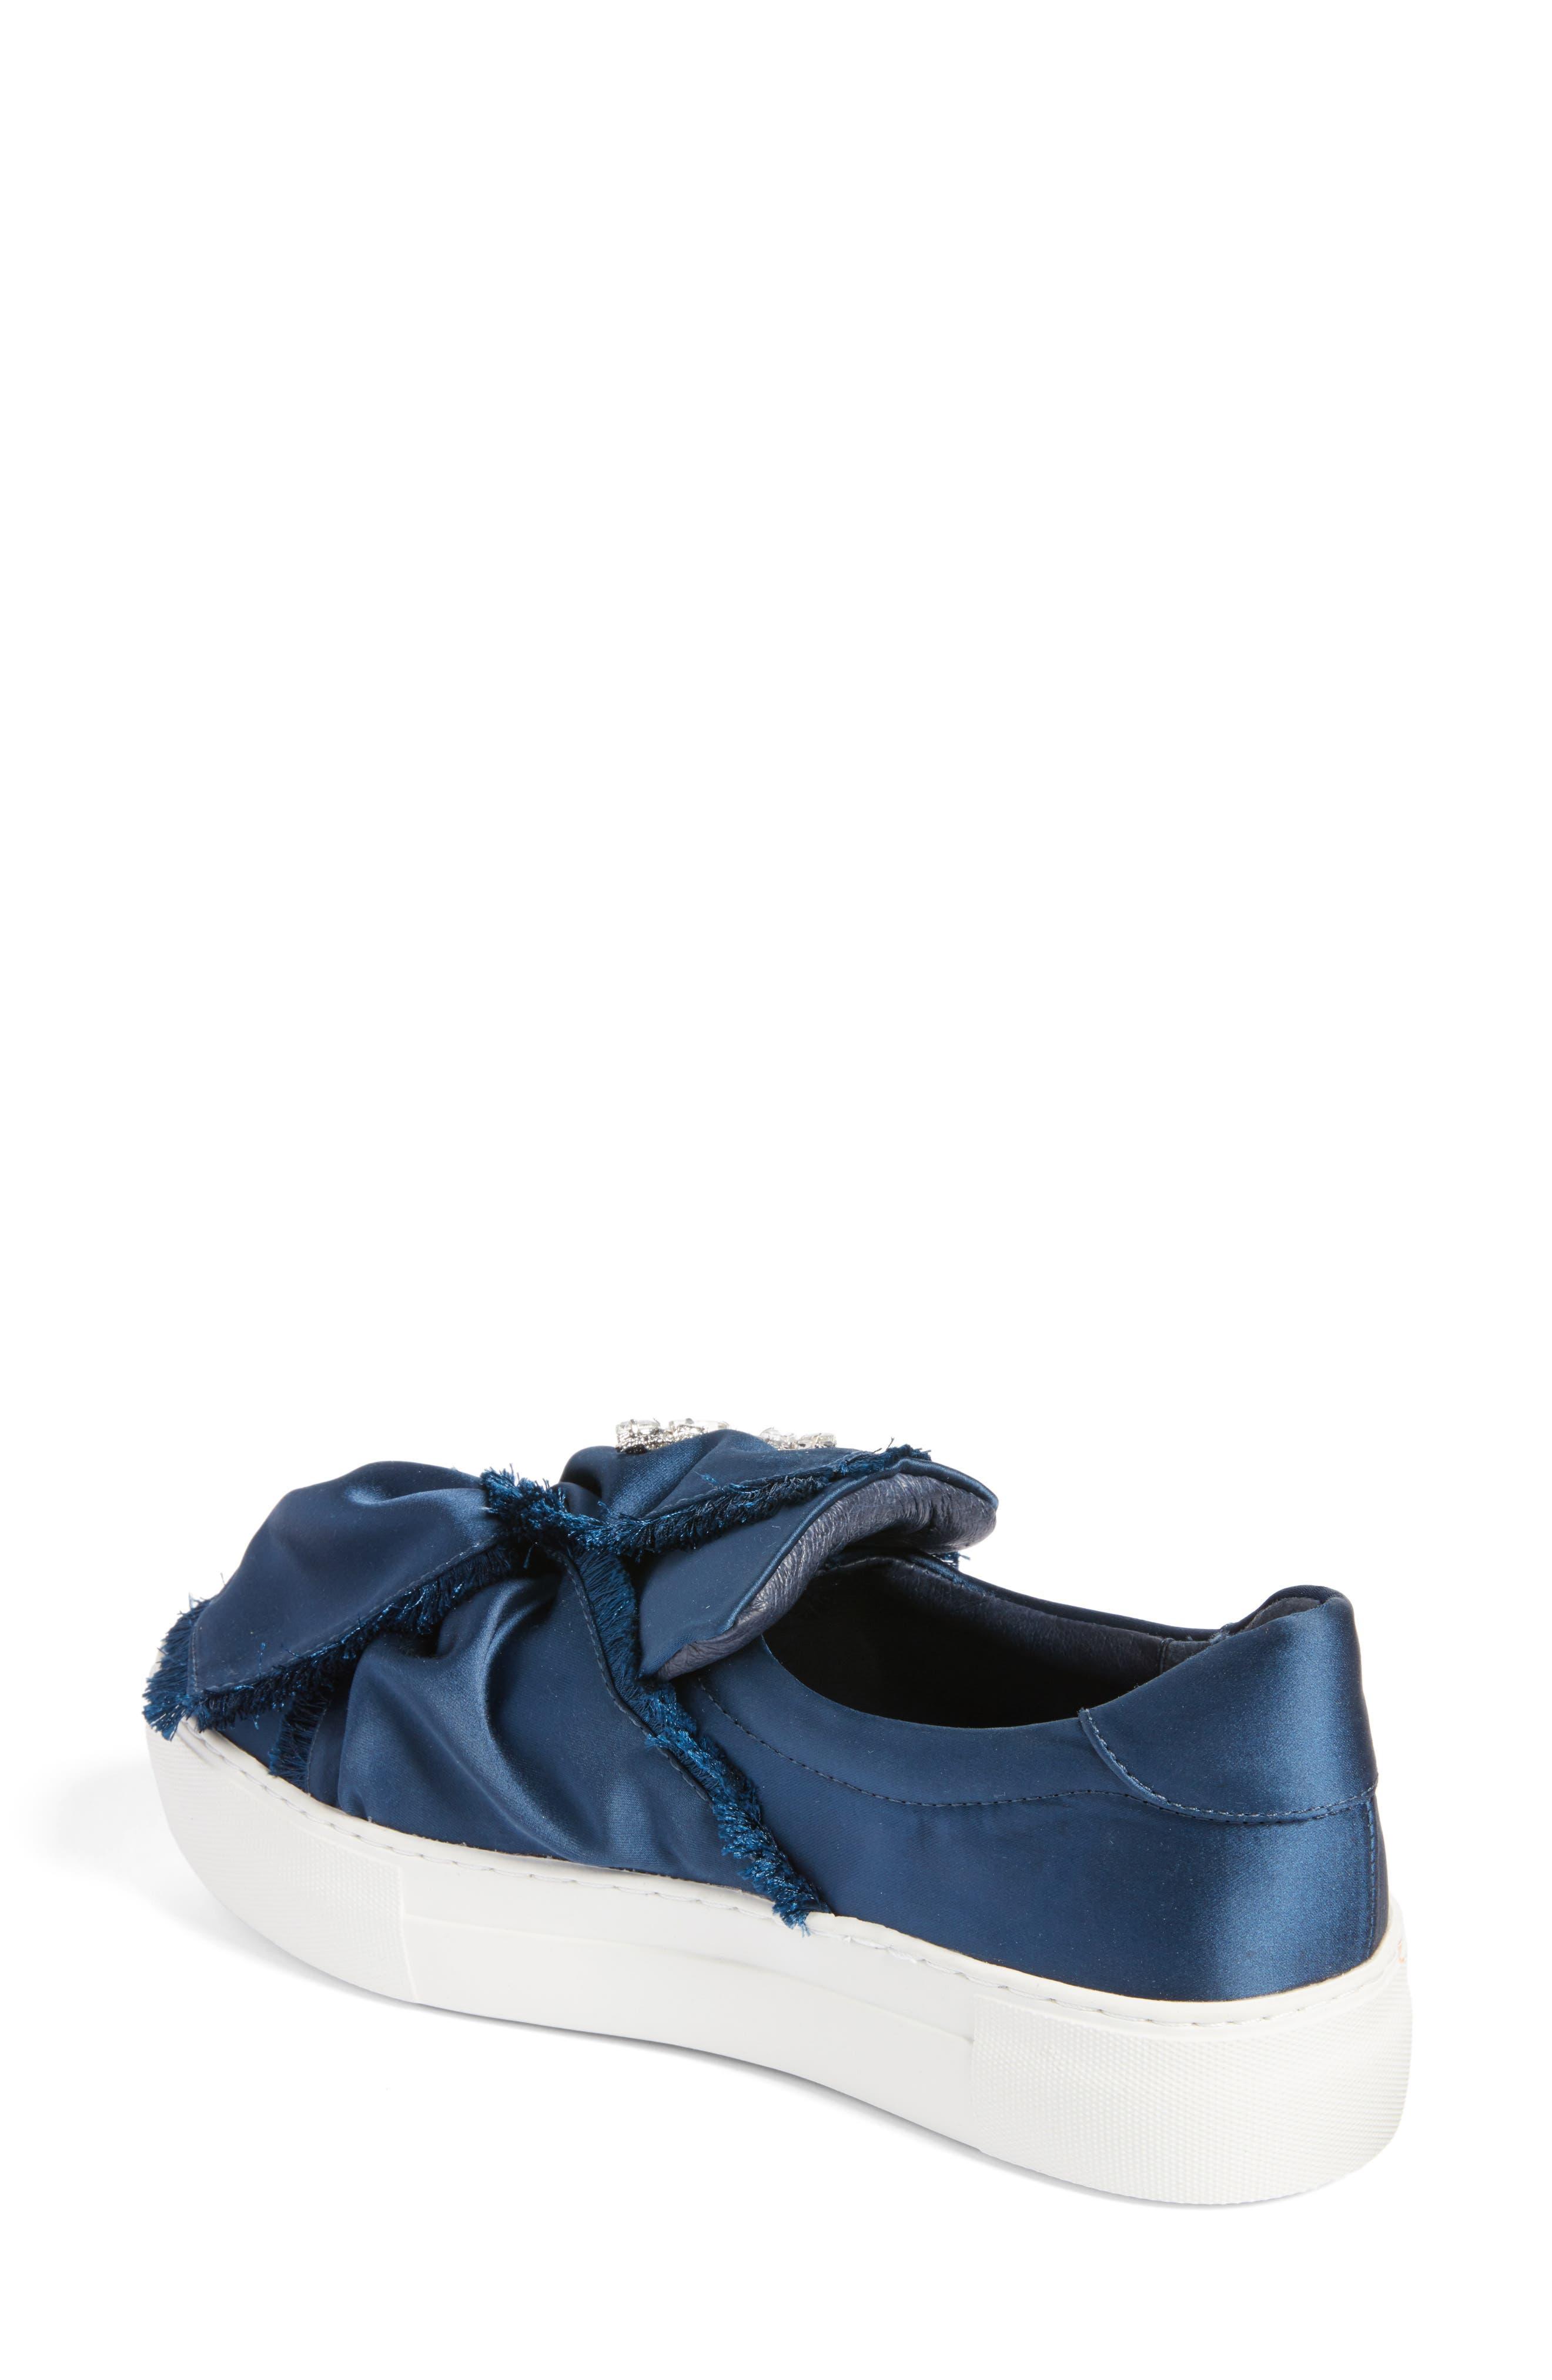 Astor Slip-On Sneaker,                             Alternate thumbnail 2, color,                             Navy Satin